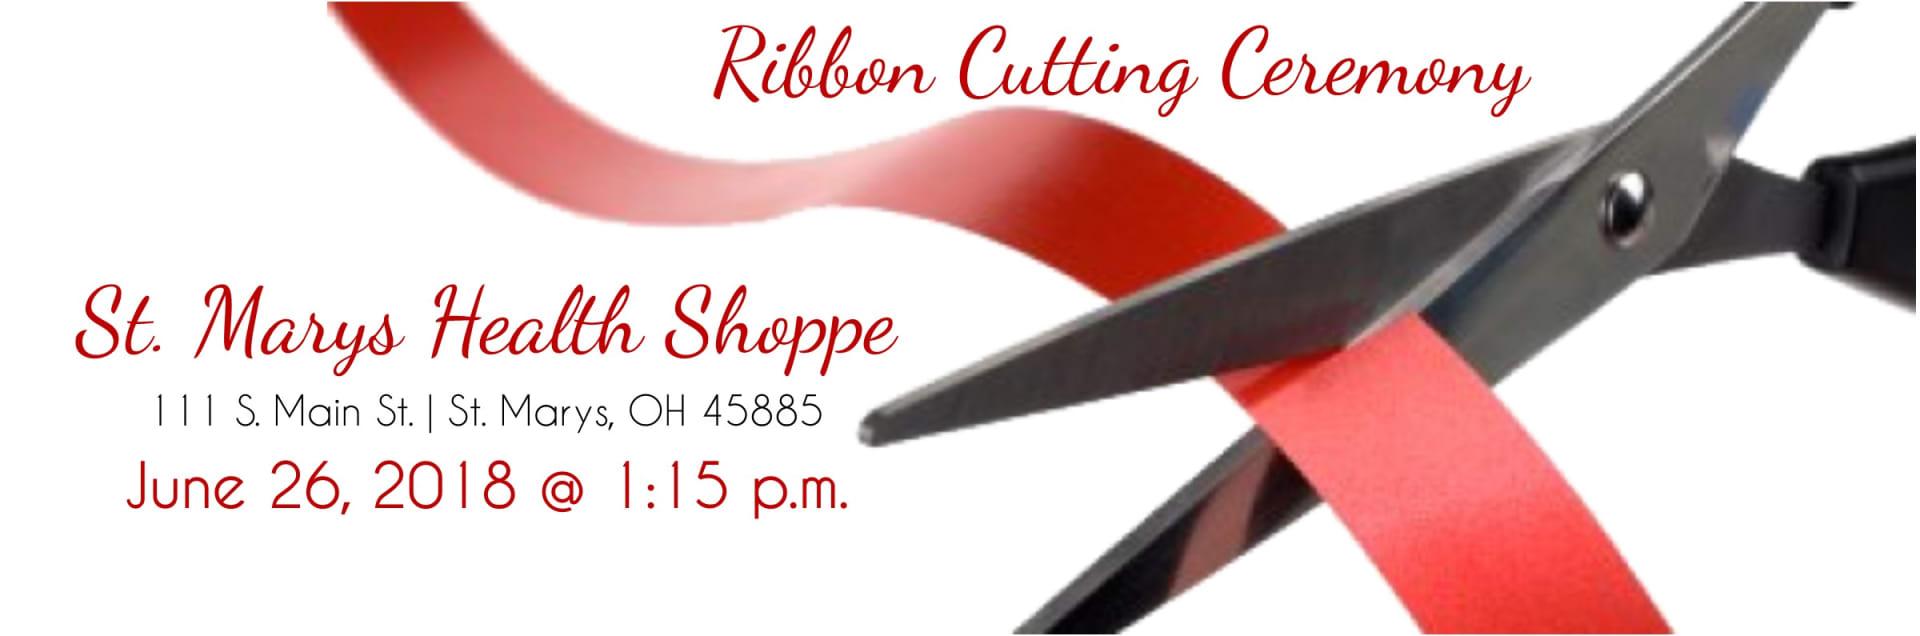 Ribbon-Cutting-w1920.jpg